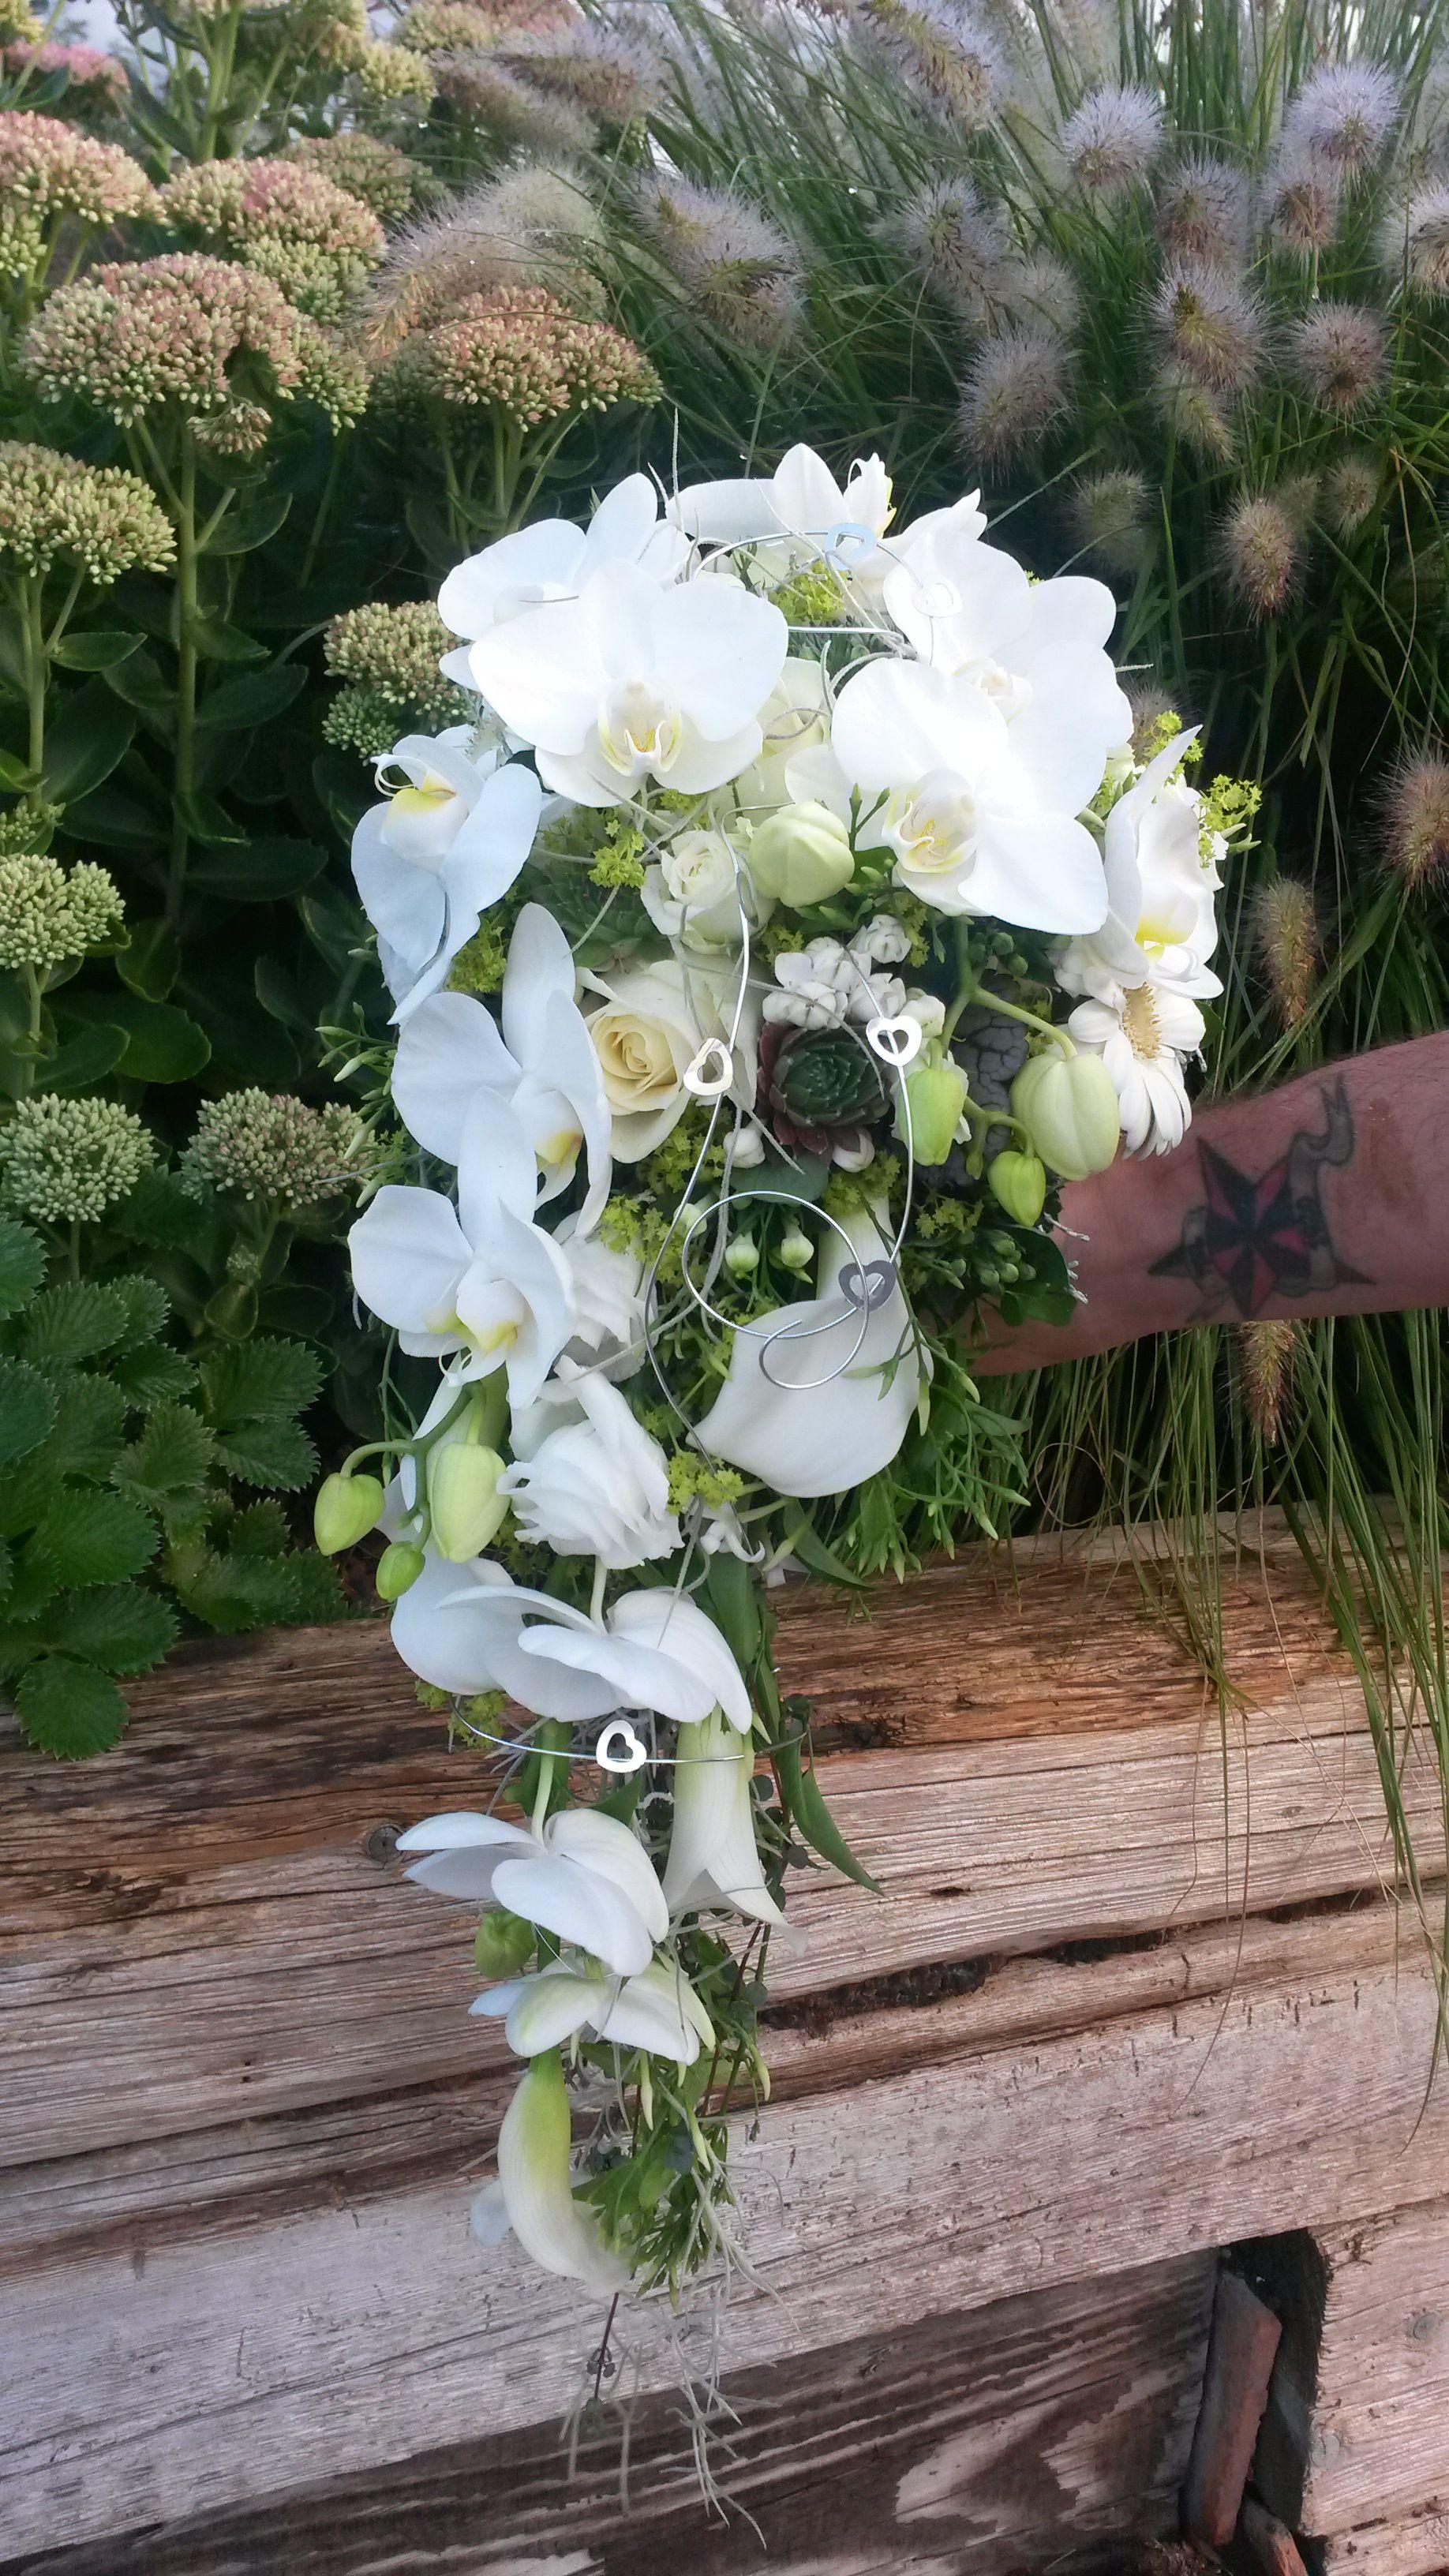 Brautstrauss Weiss Tropfen Abfliessend Orchideen Geflugelte